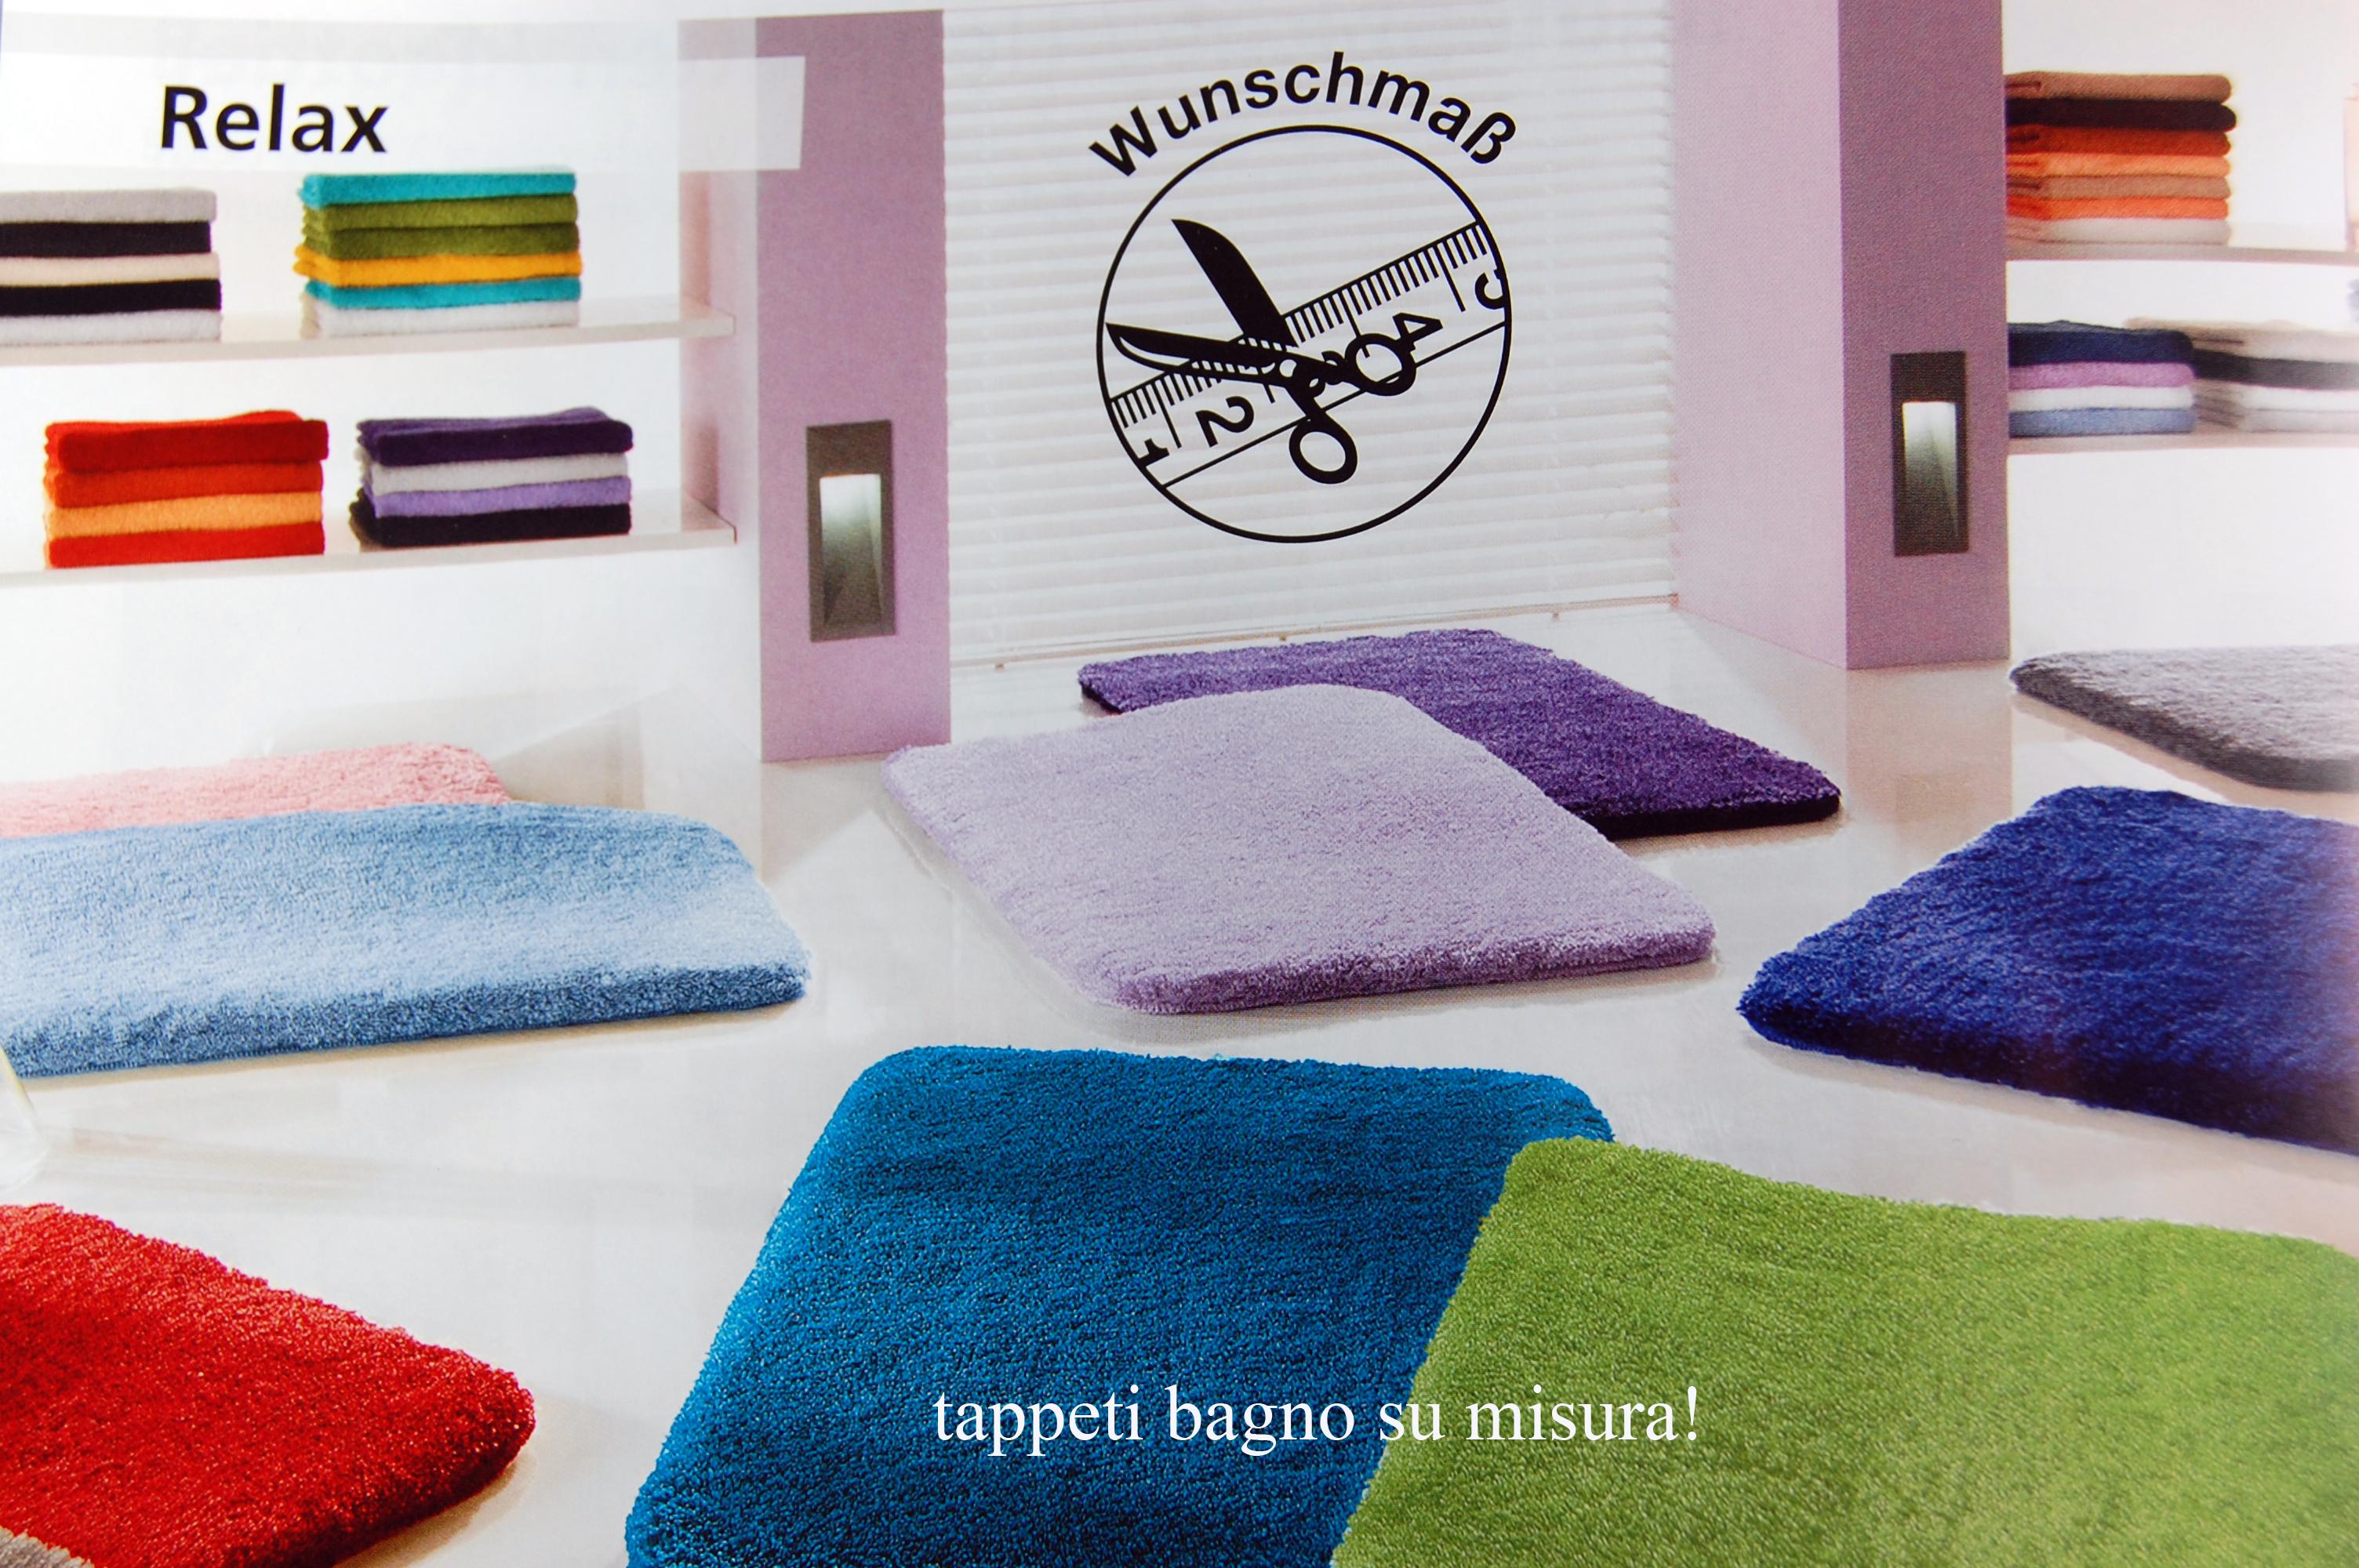 Tappeti bagno su misura idee per il design della casa for Tappeti bagno ikea